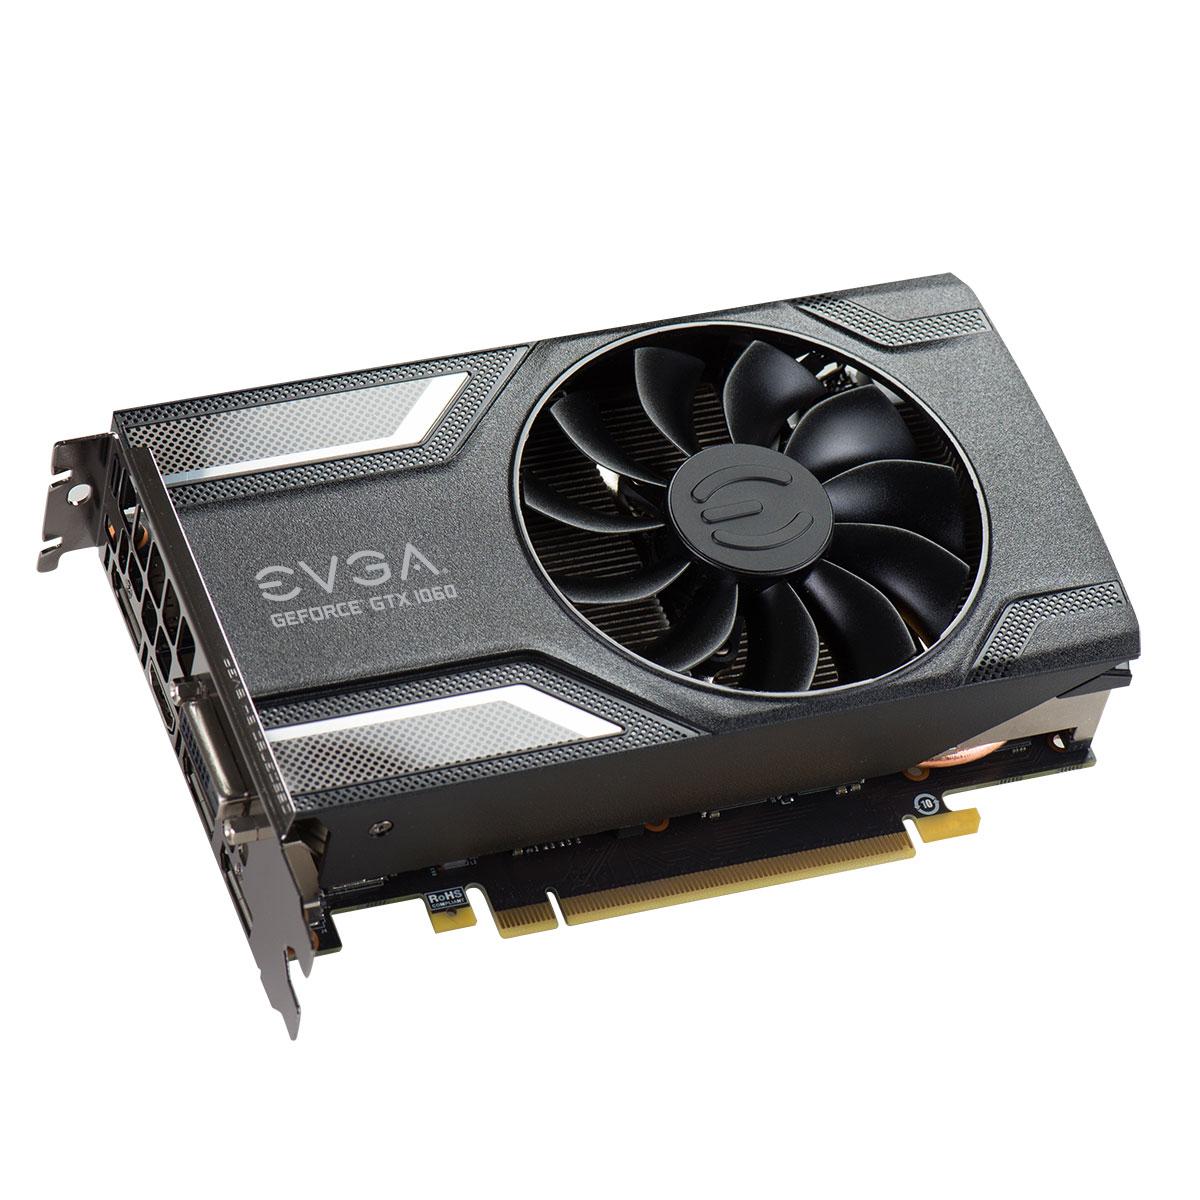 evga-geforce-gtx-1060-sc-gaming_2